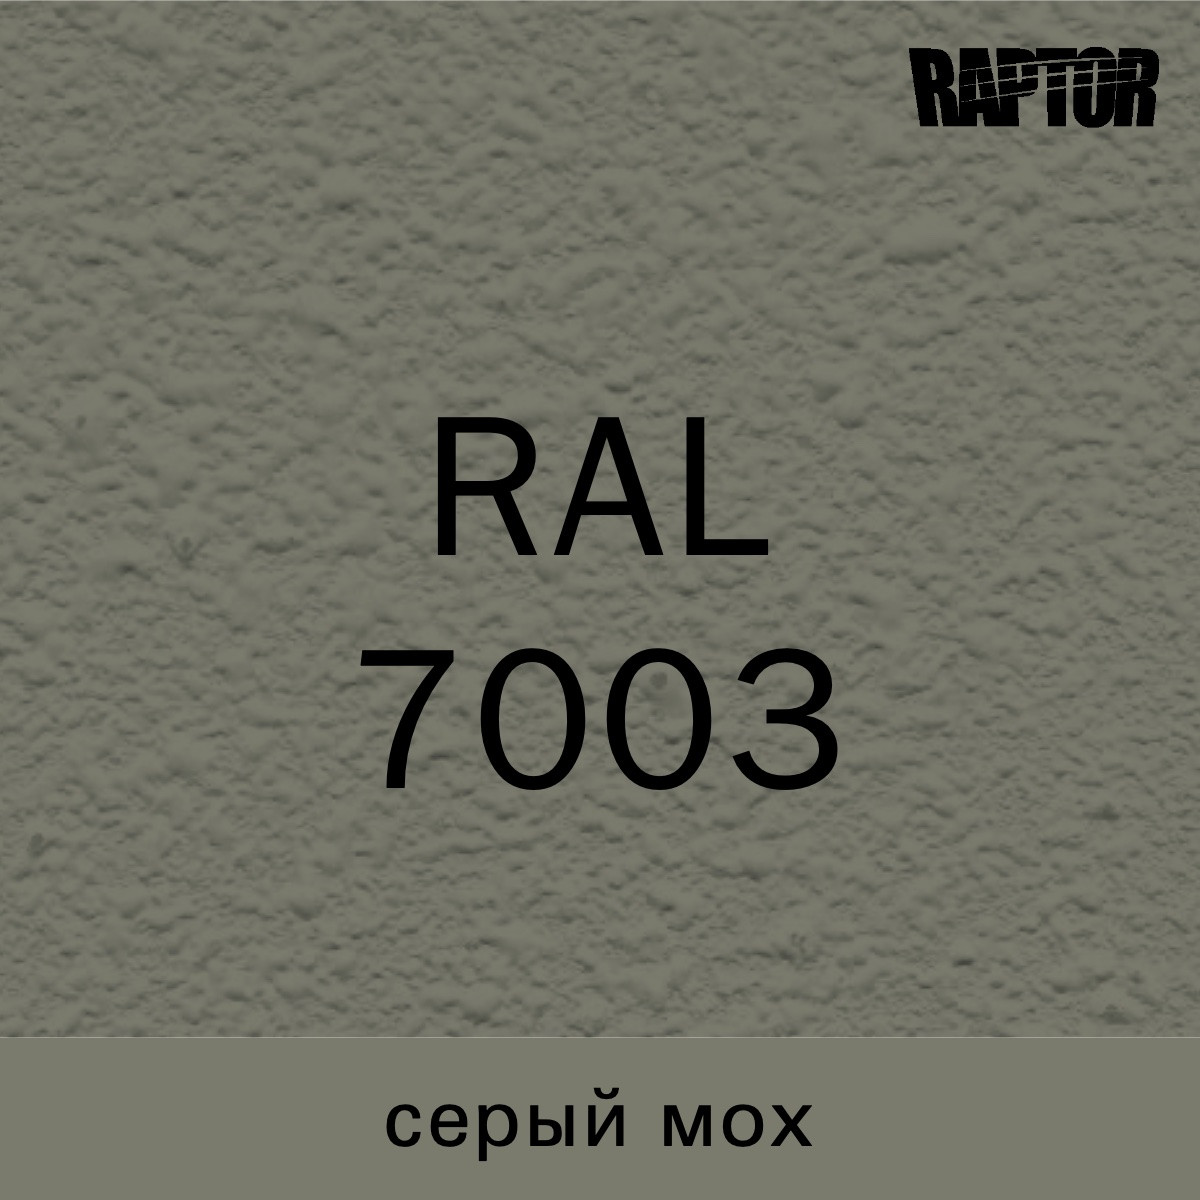 Пигмент для колеровки покрытия RAPTOR™ Серый мох (RAL 7003)